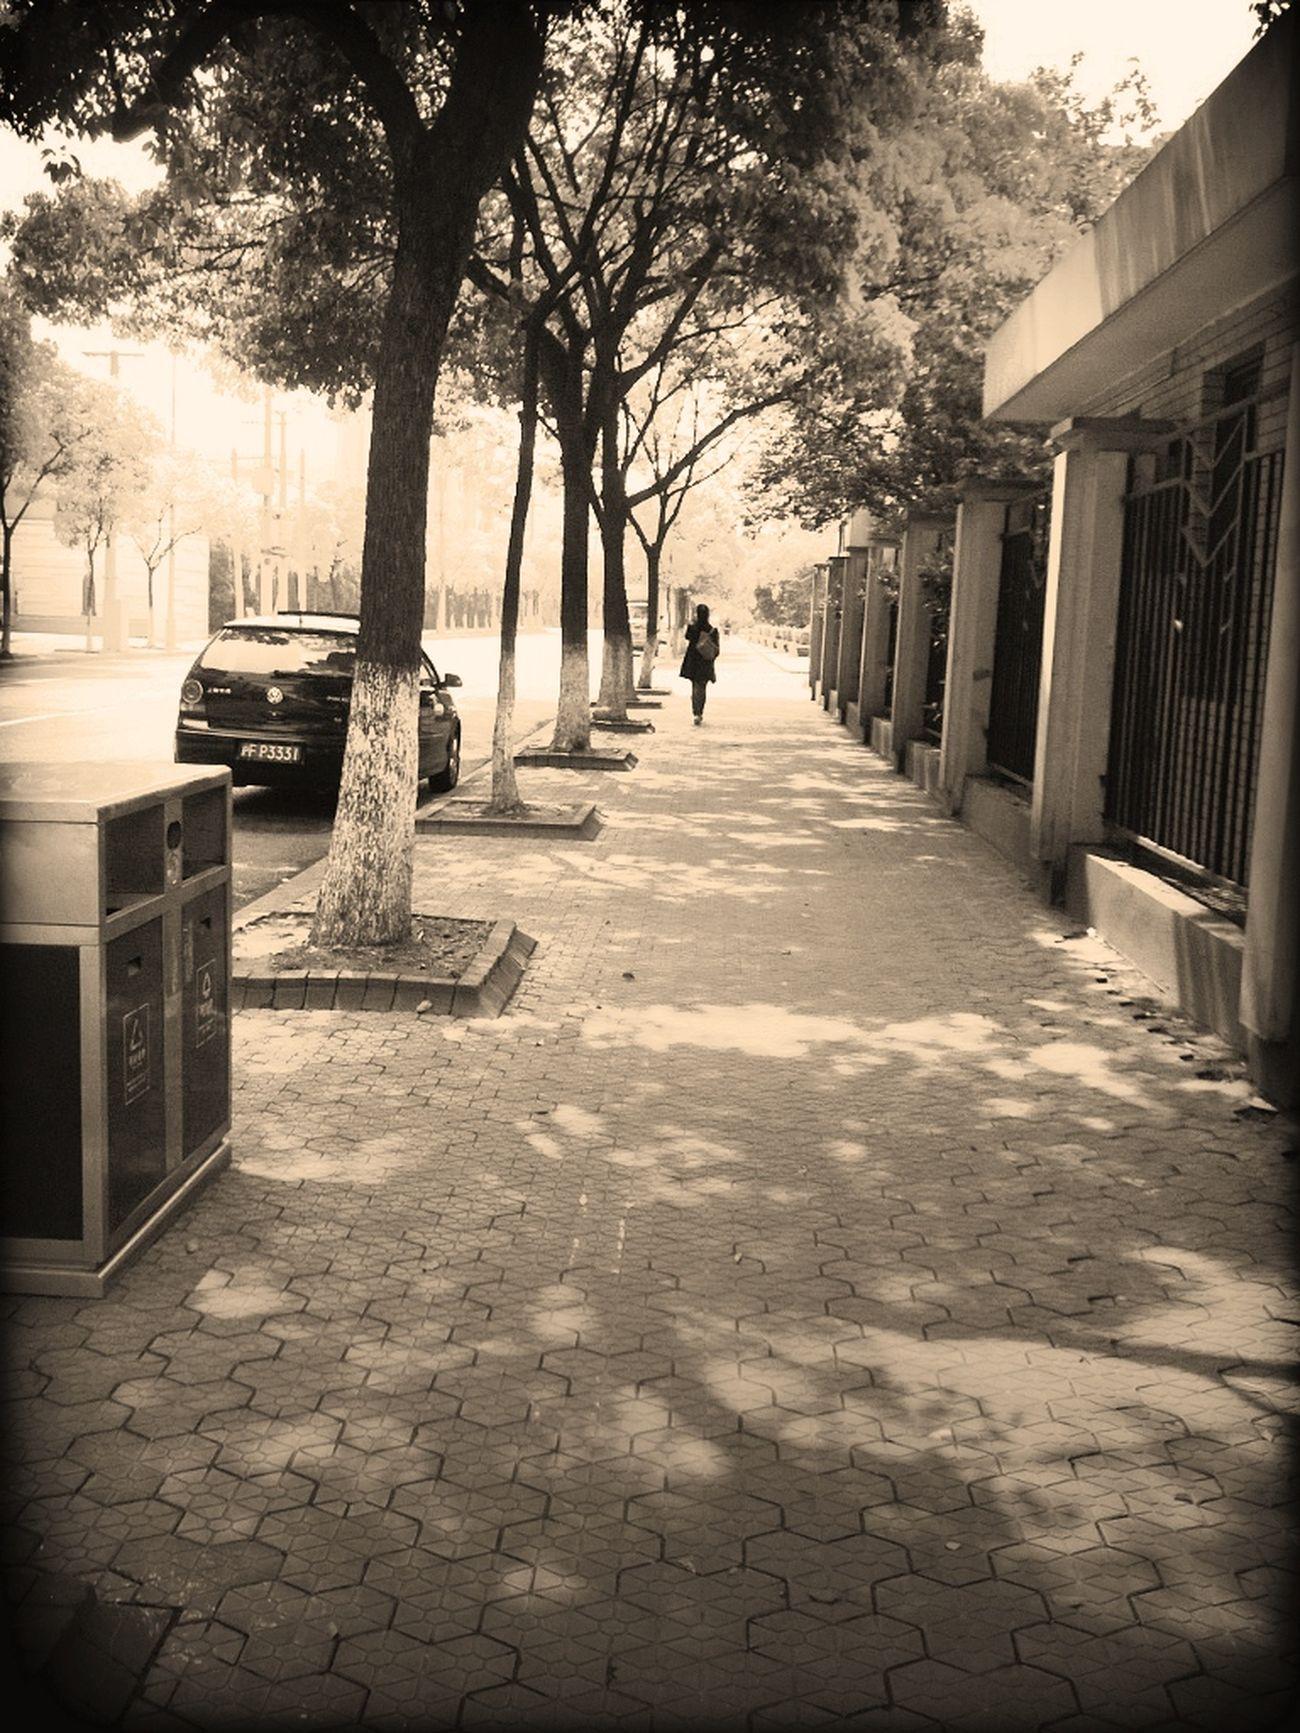 星期日的下午,一個人漫步在這種街道,體會另一種悠閒。忽然有化身為文青的錯覺。XD